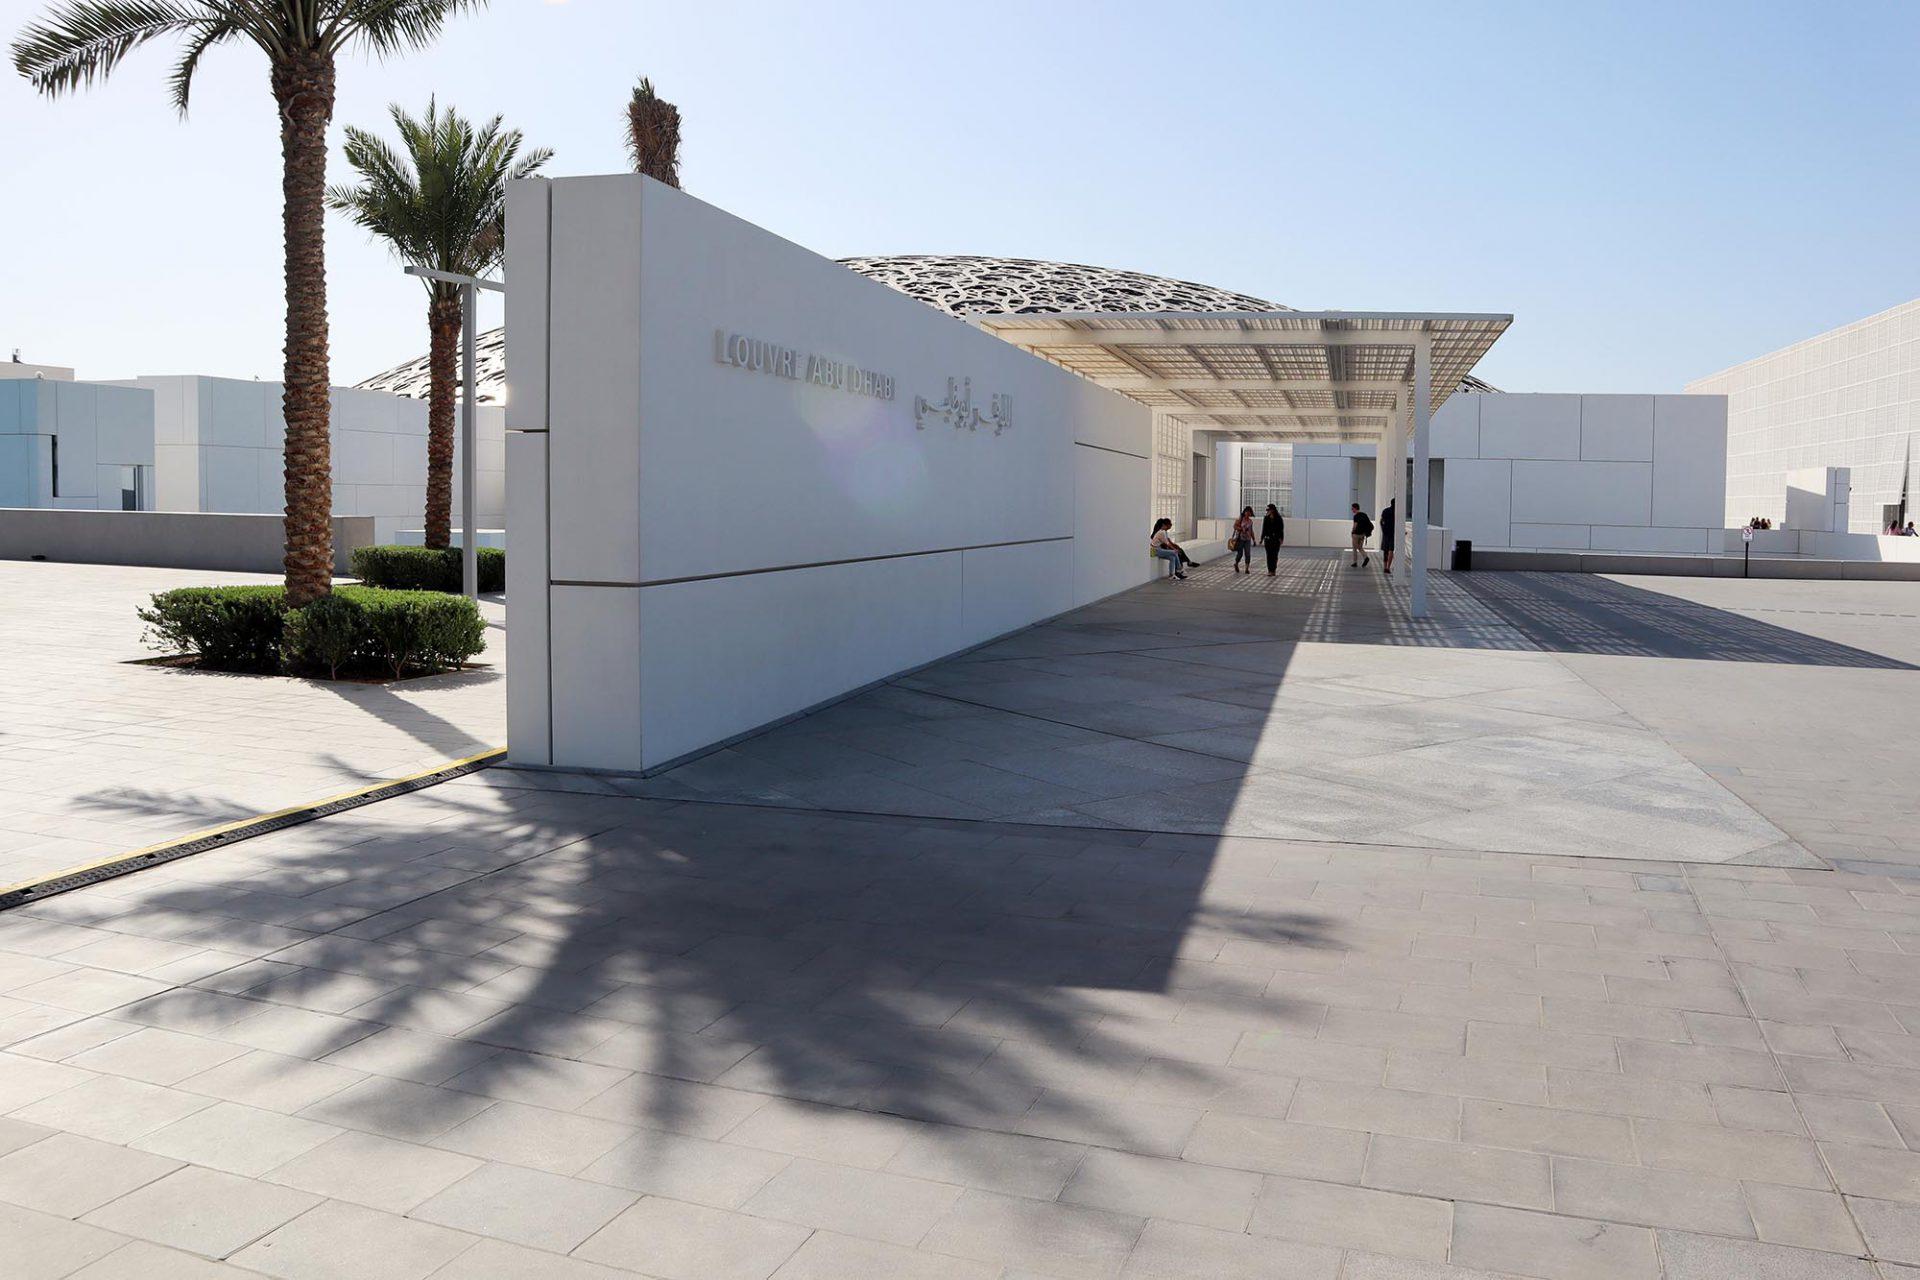 Louvre Abu Dhabi. Hinzu kommen fast 560 Millionen Euro Leihgebühren für Exponate und Ausstellungen aus den Pariser Kunsthäusern Louvre, Musée d'Orsay und Centre Pompidou.